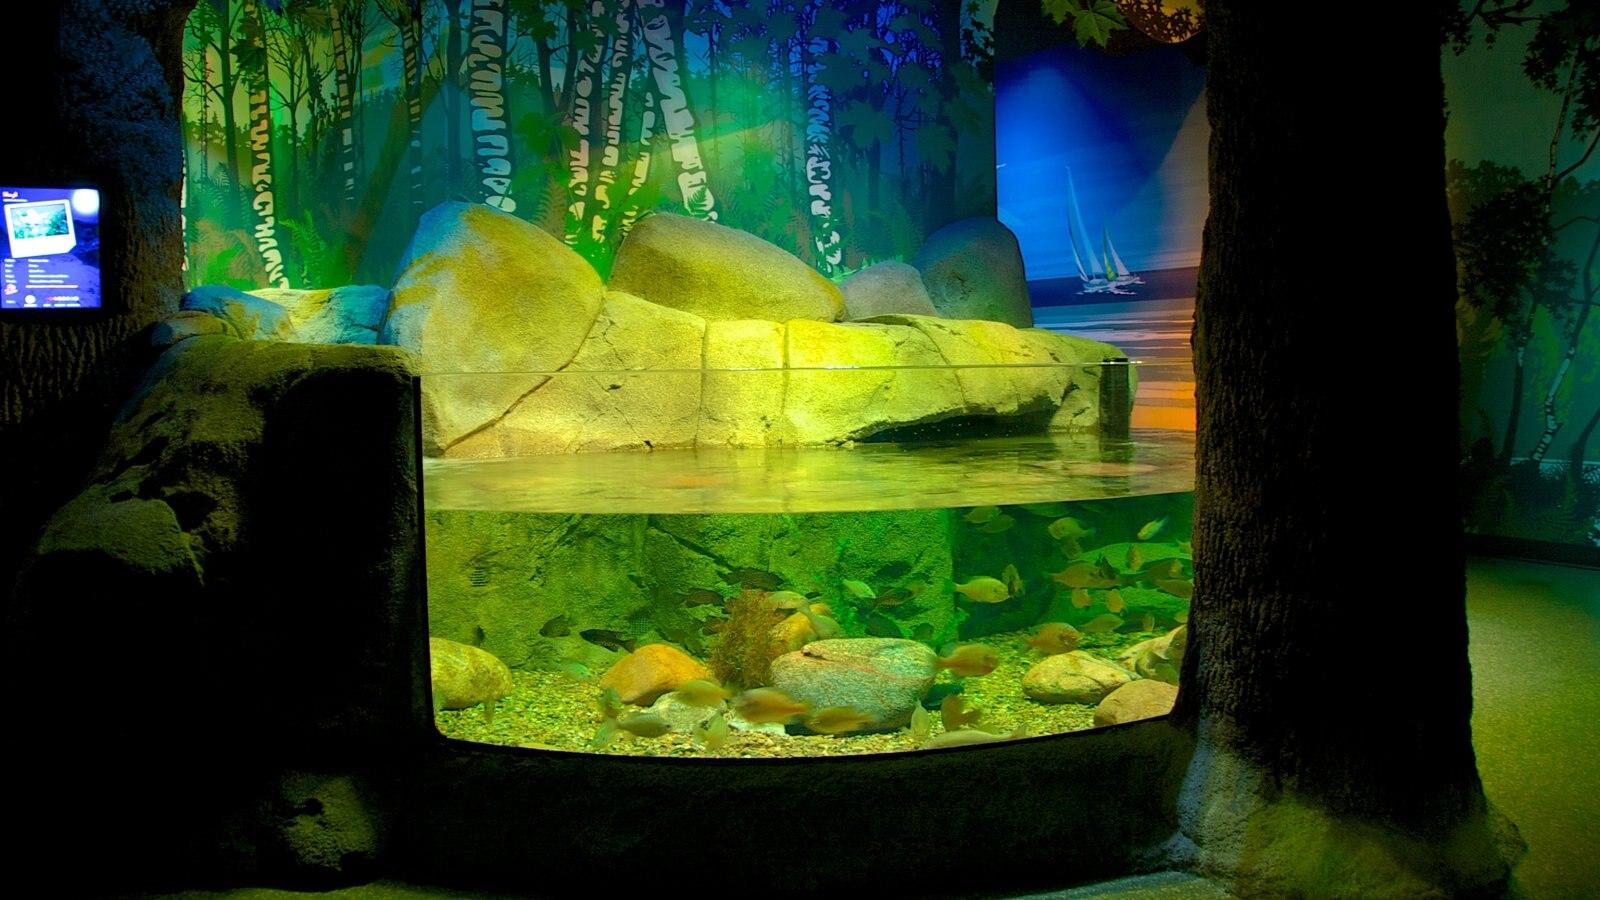 Sea Life Aquarium Missouri Pictures View Photos Images